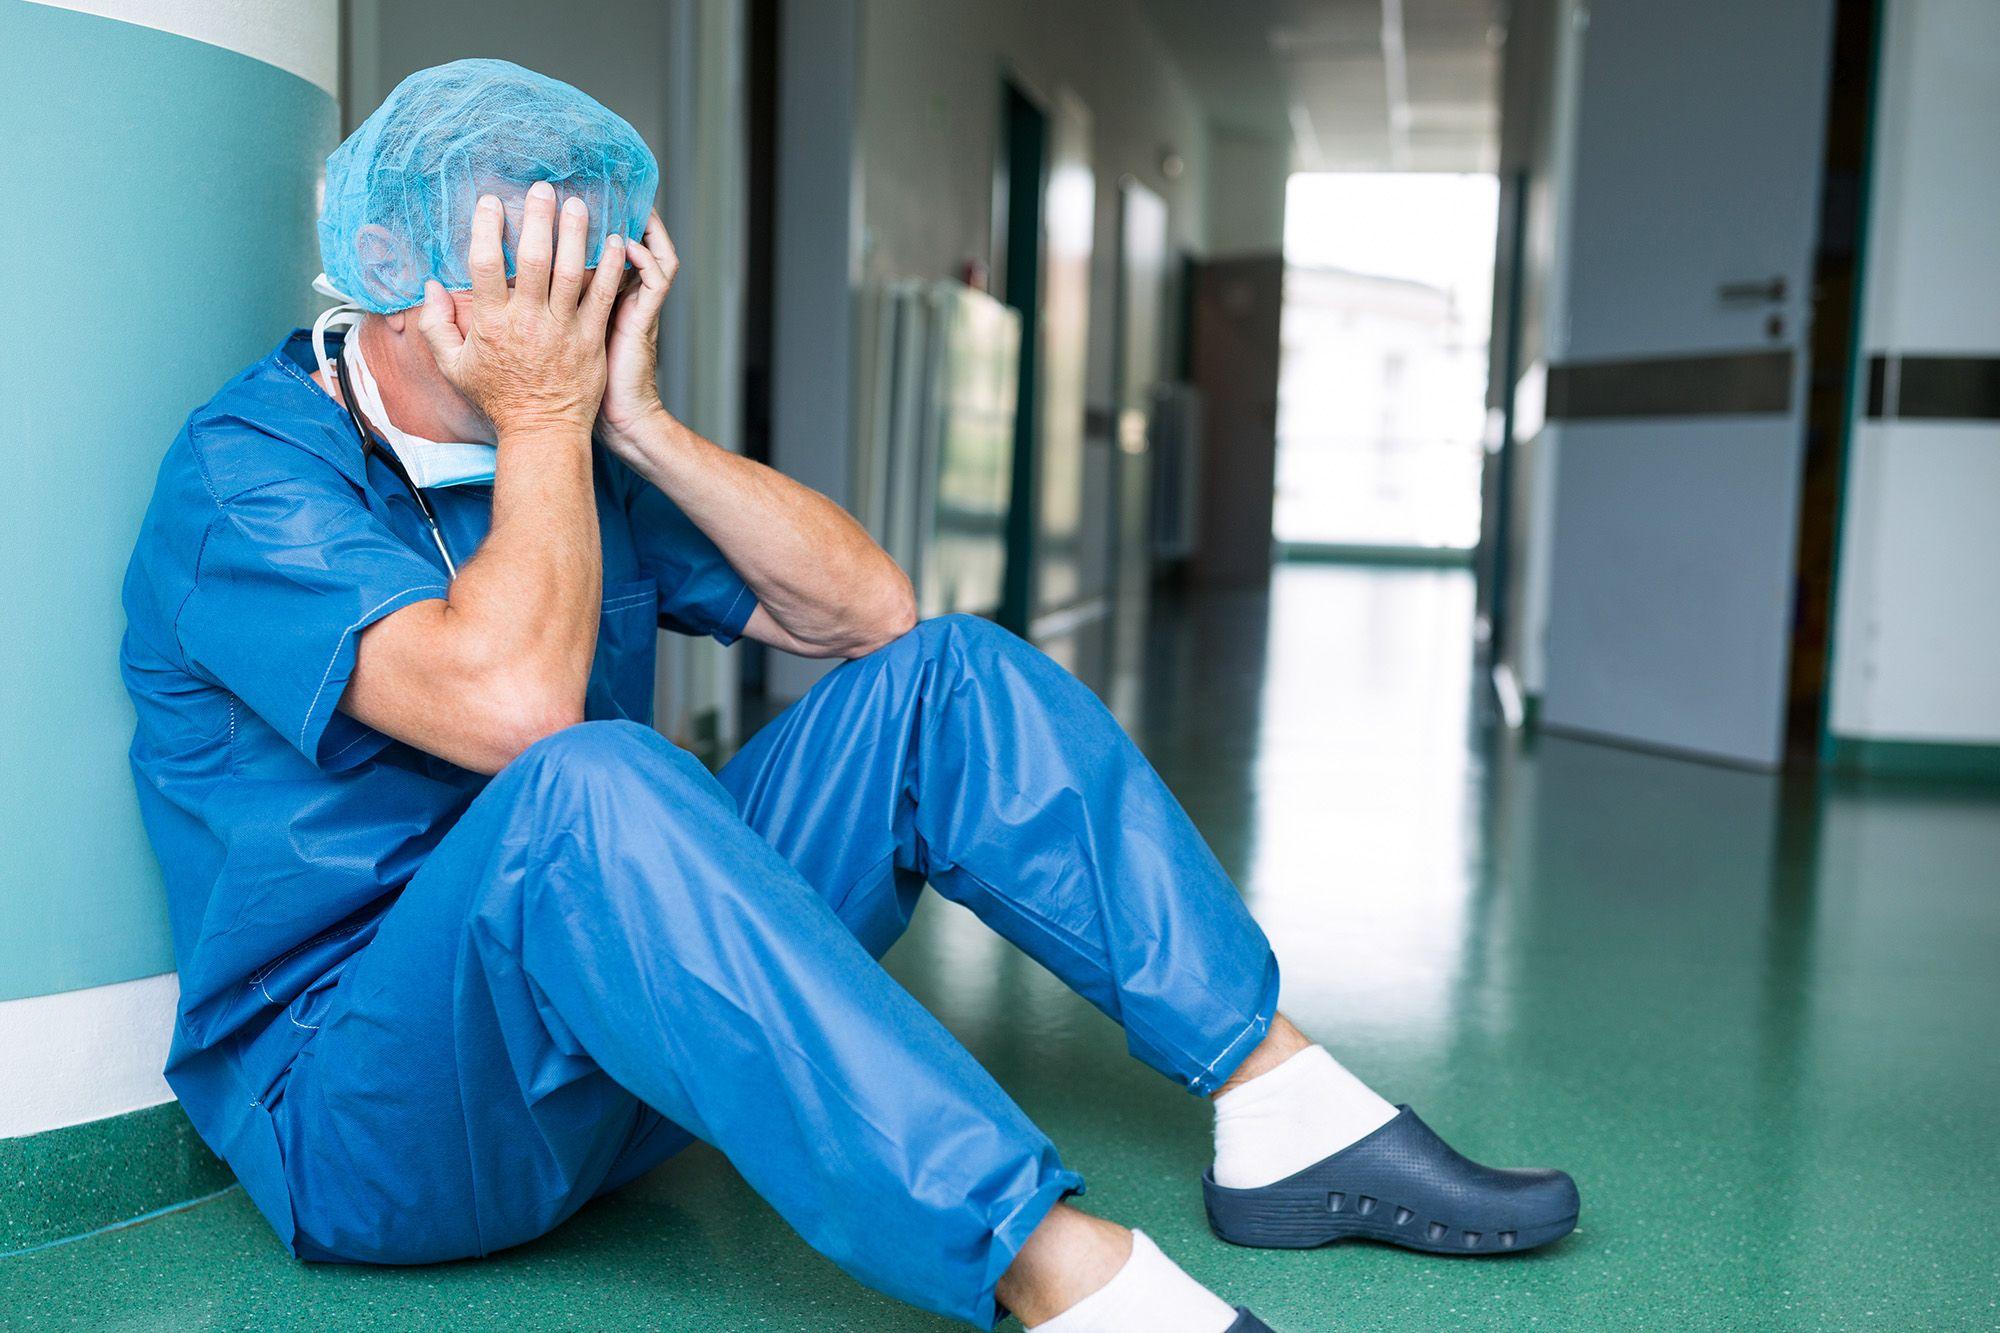 Ένα μεγάλο ευχαριστώ σε όλους όσους μάχονται ενάντια στον κορωνοϊό: Η Google τιμά τους ήρωες γιατρούς